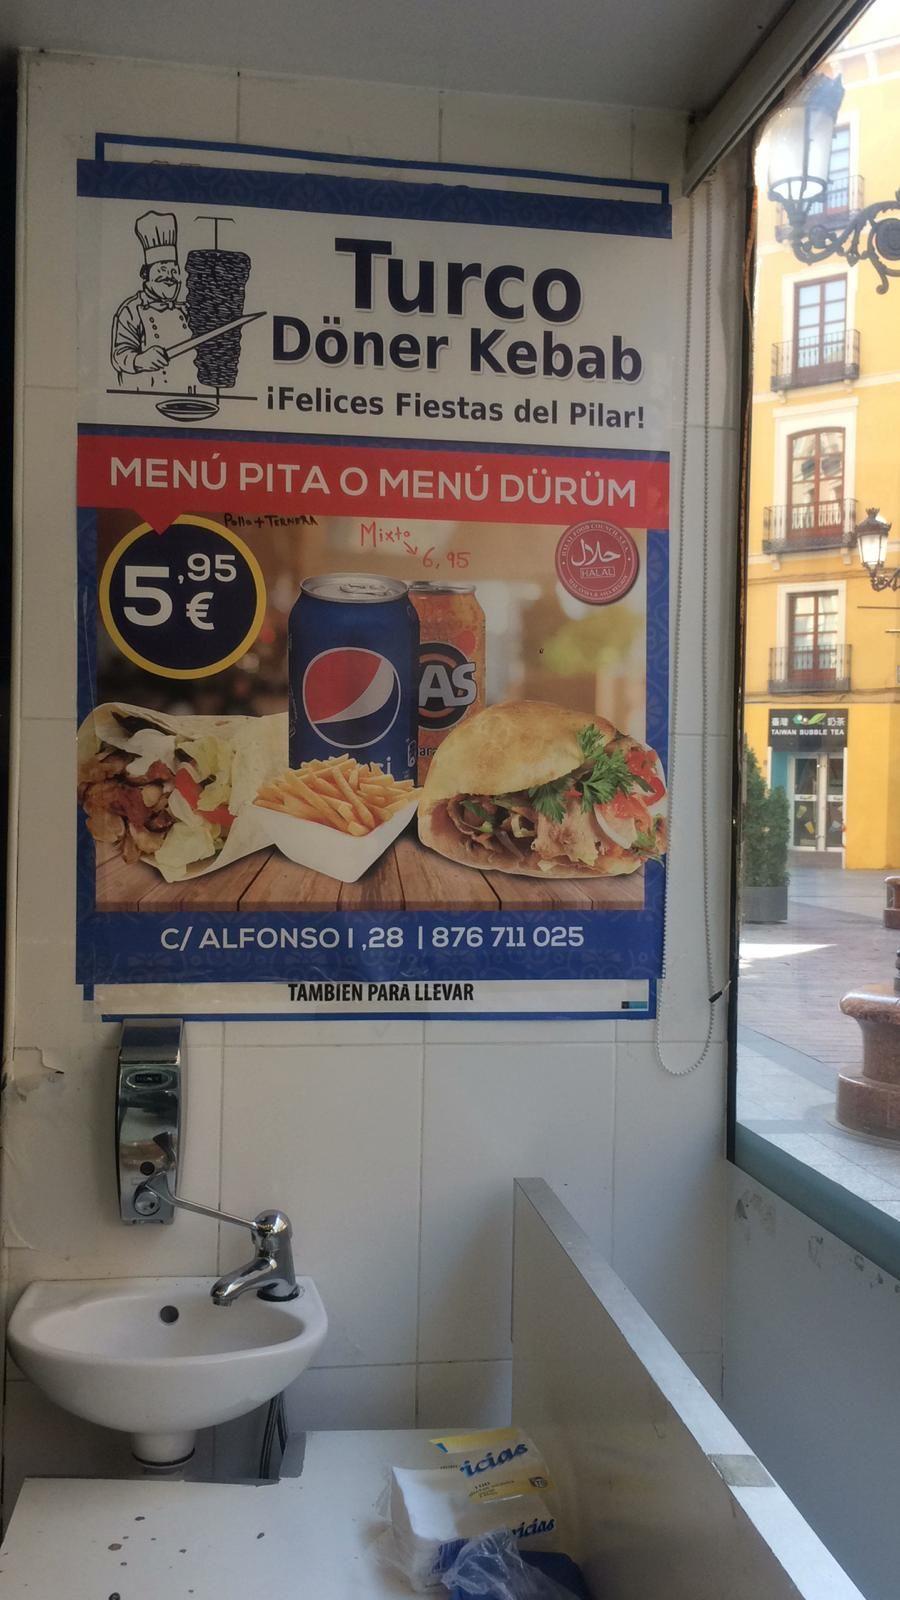 Cocina turca en Zaragoza